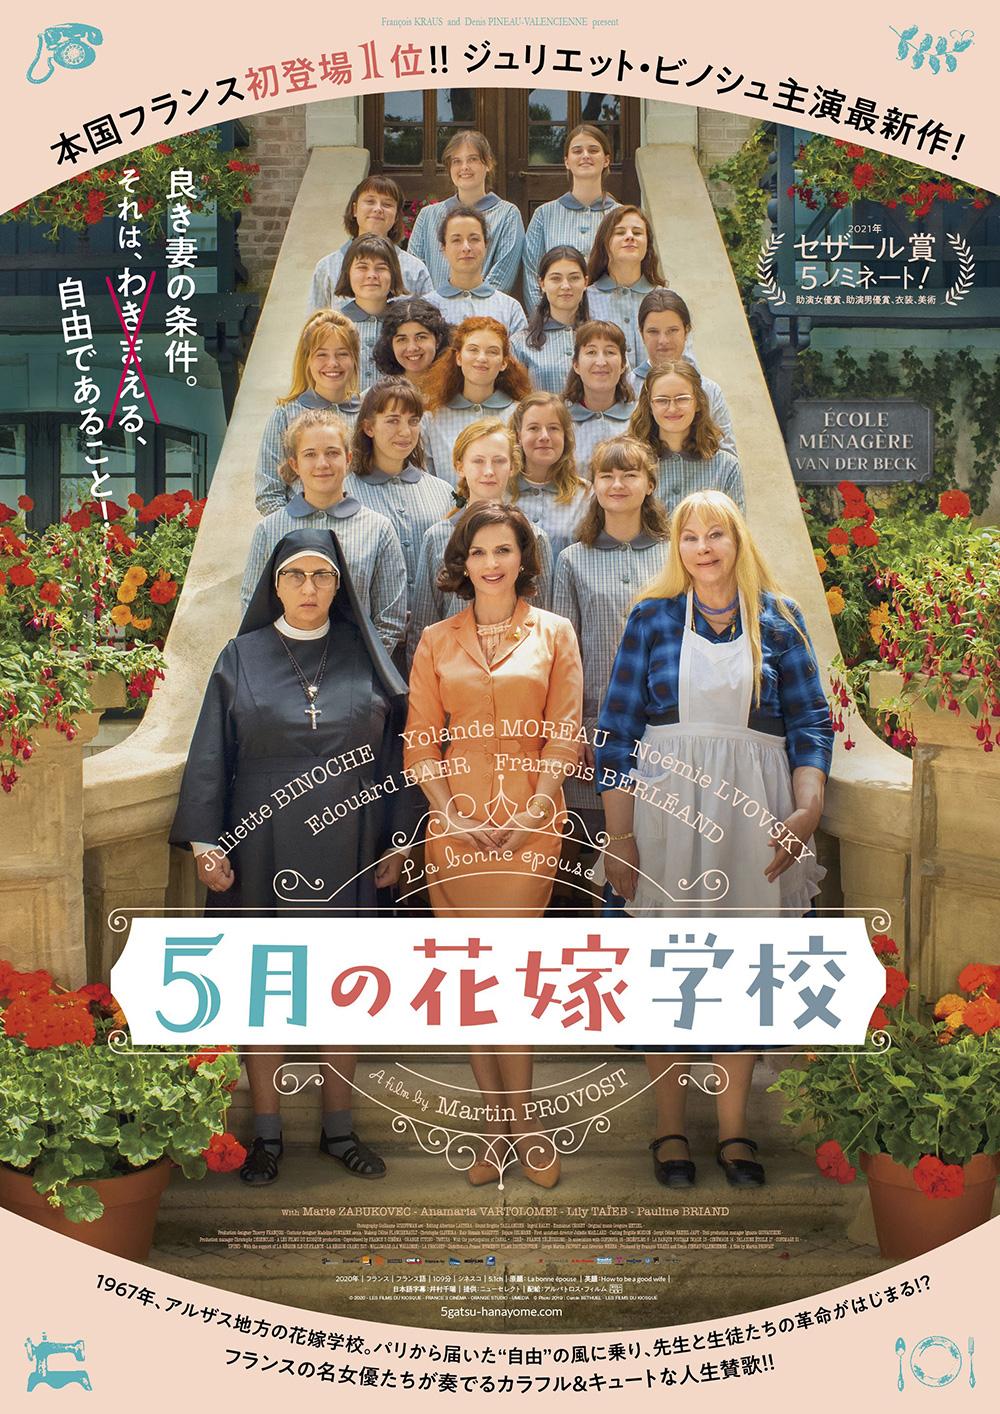 『5月の花嫁学校』